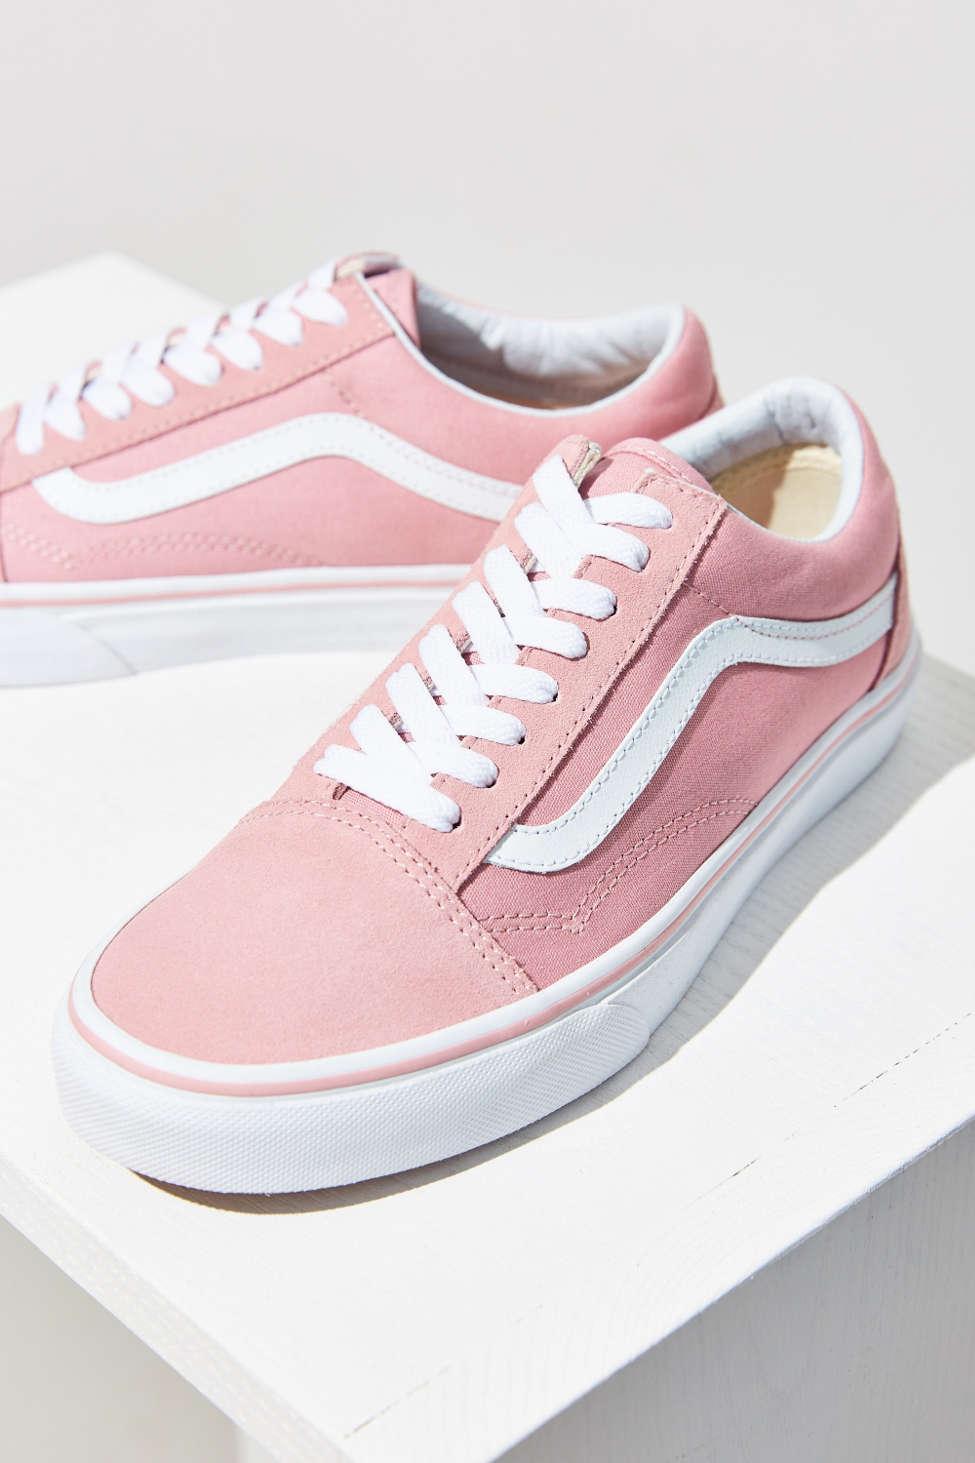 Vans Pink Old Skool Sneaker | Urban Outfitters